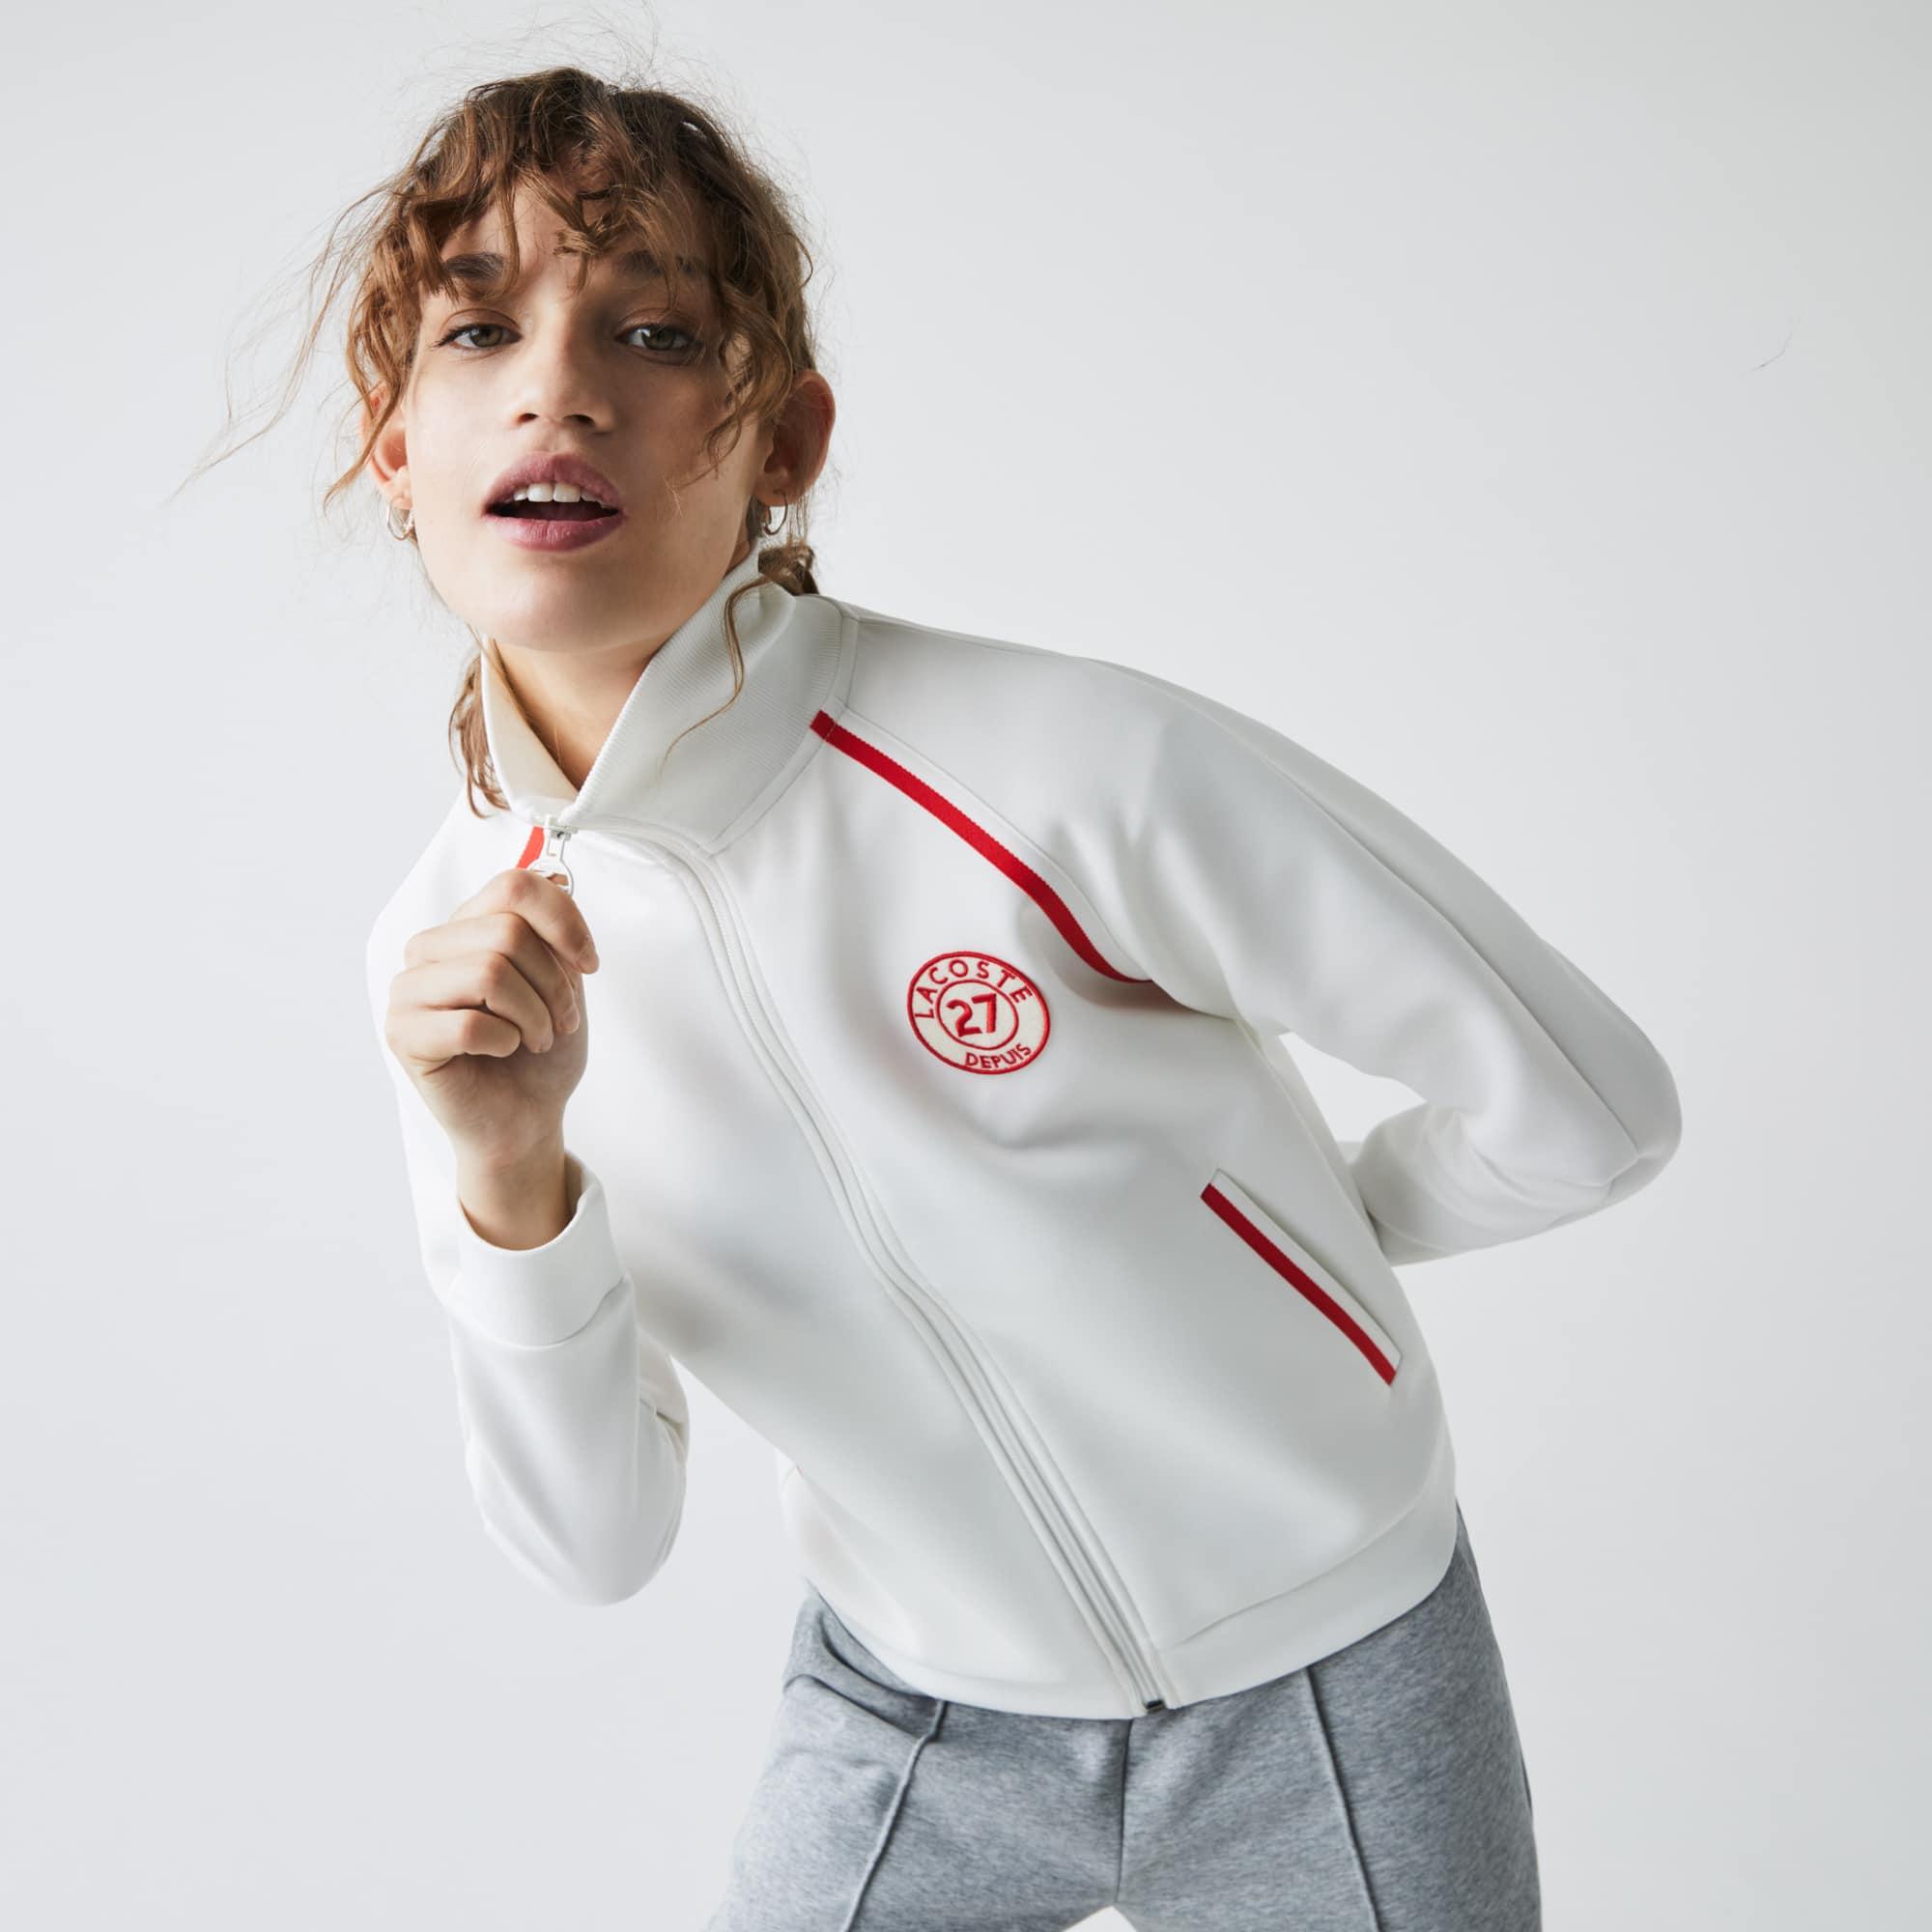 라코스테 Lacoste Women's Stand-Up Collar Vintage Style Sweatshirt